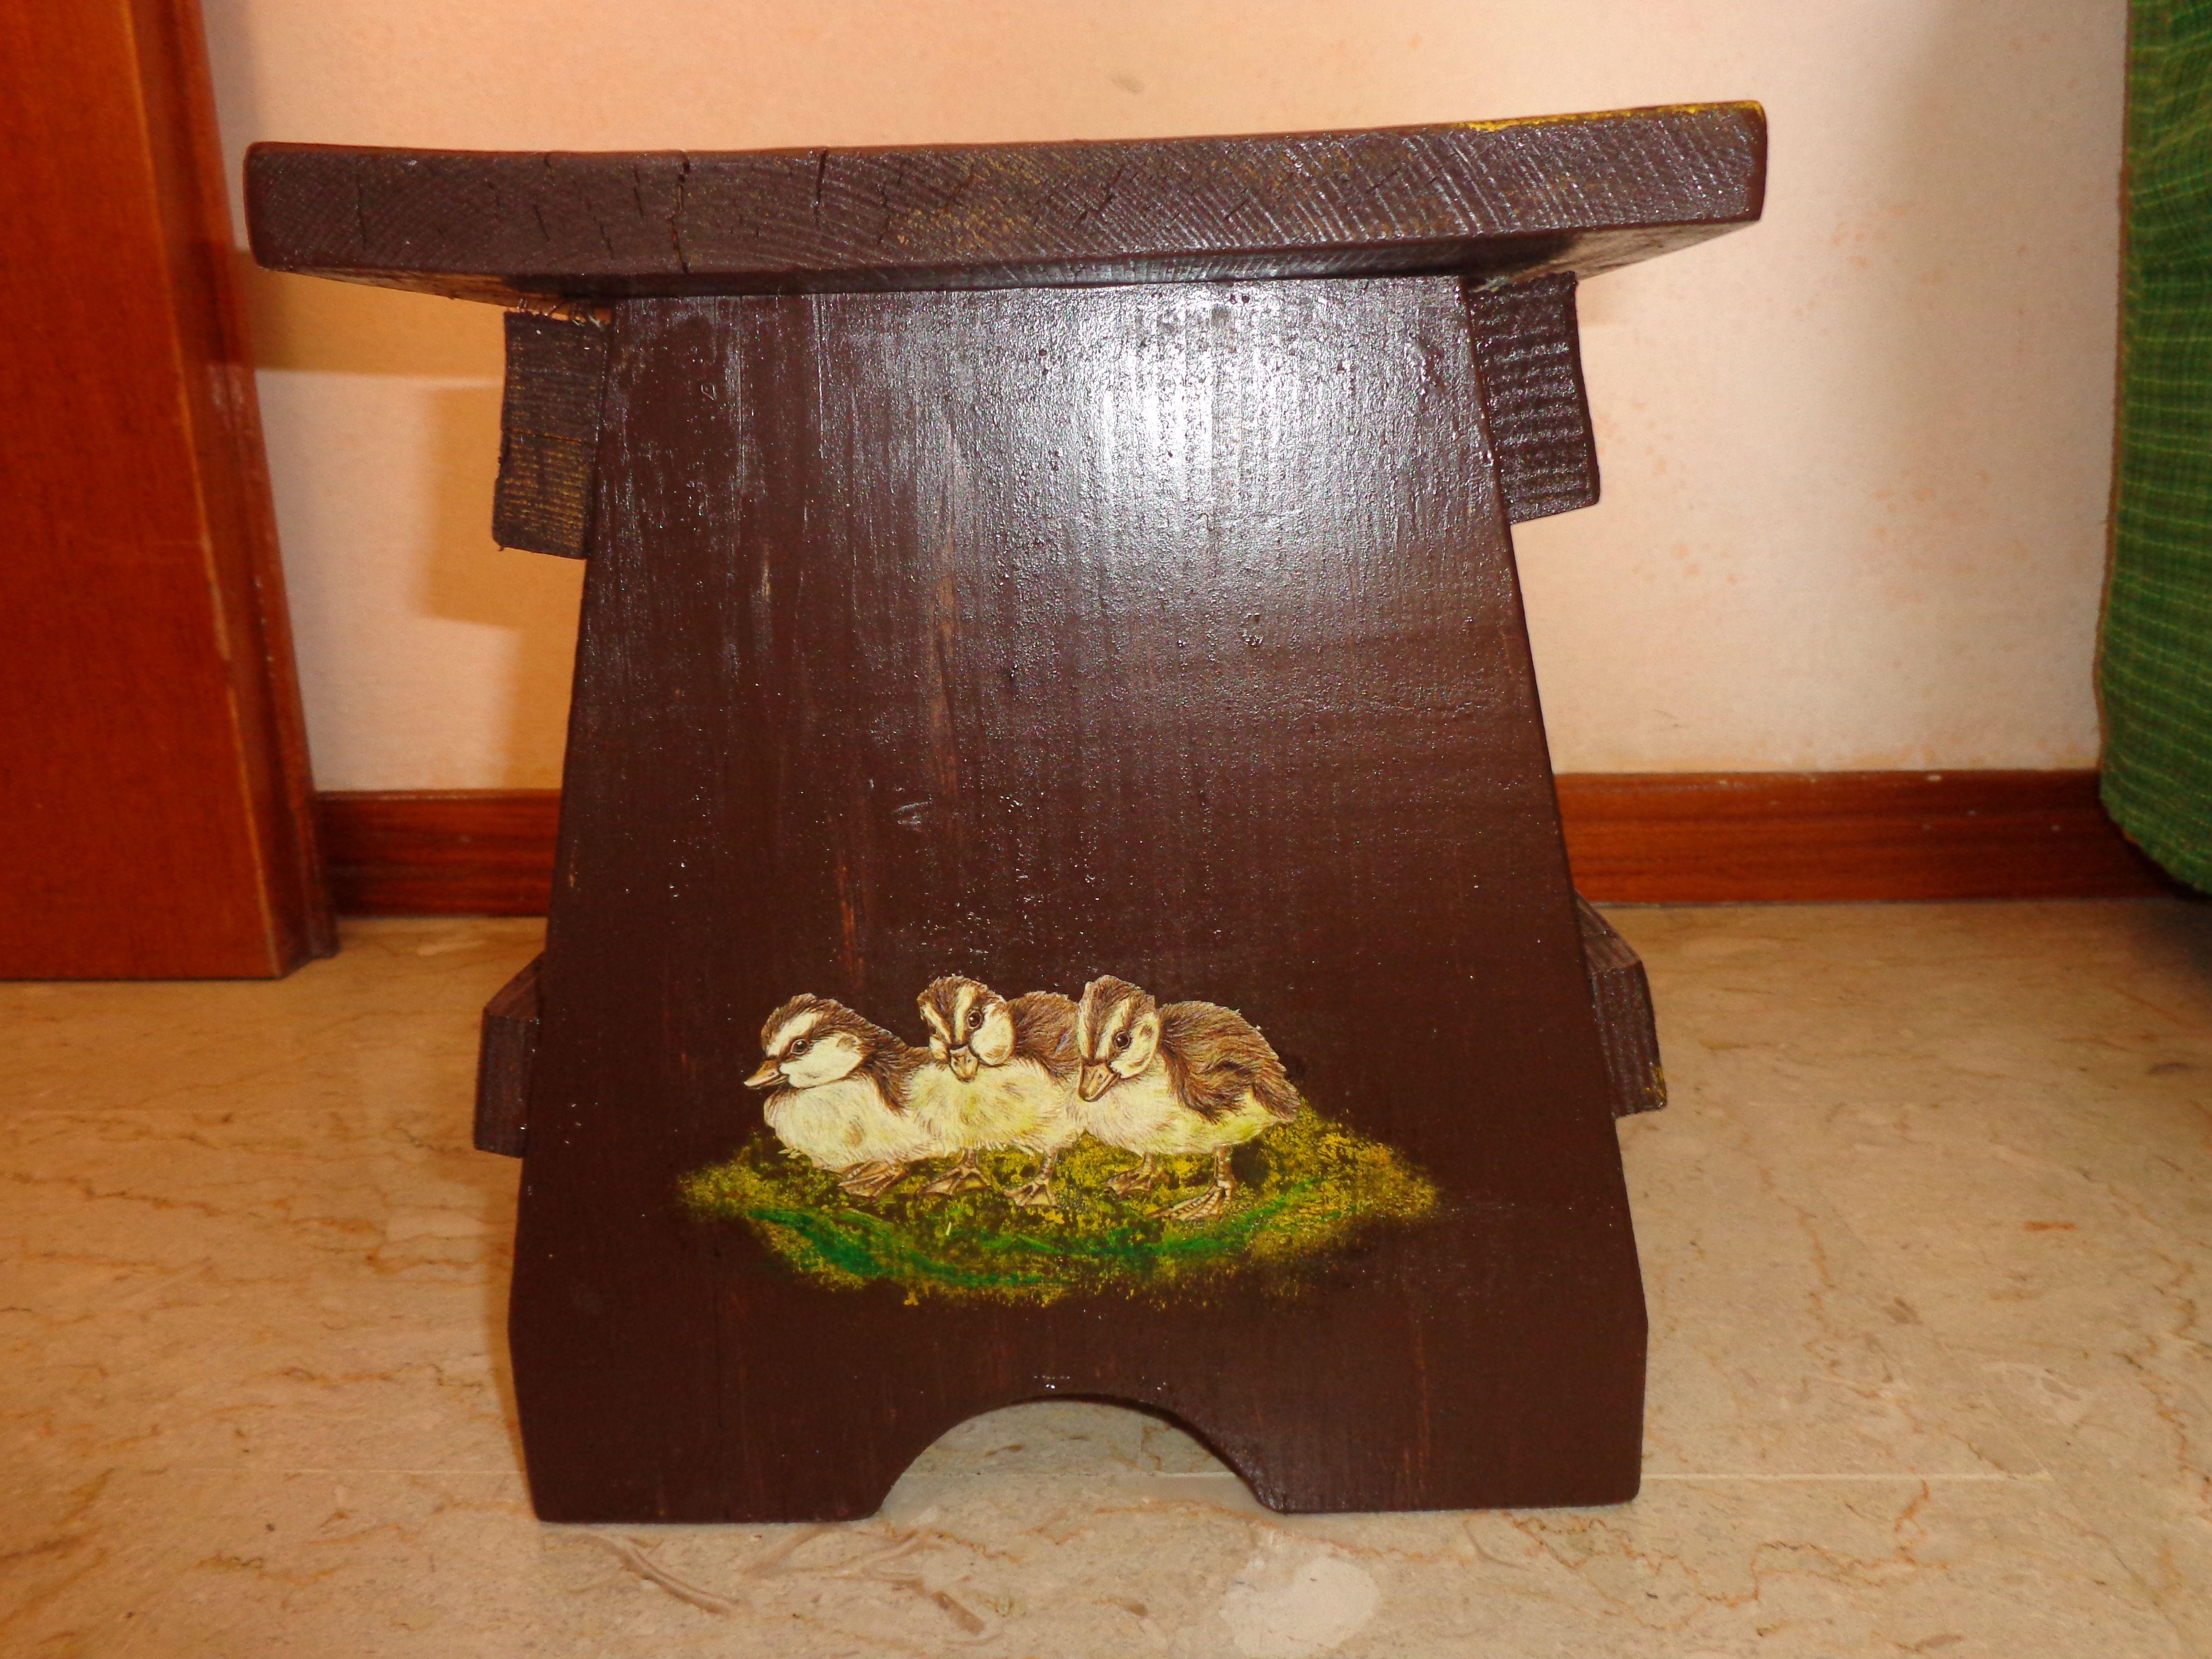 Sgabello greencorks a forma di tappo in sughero riciclato alto cm